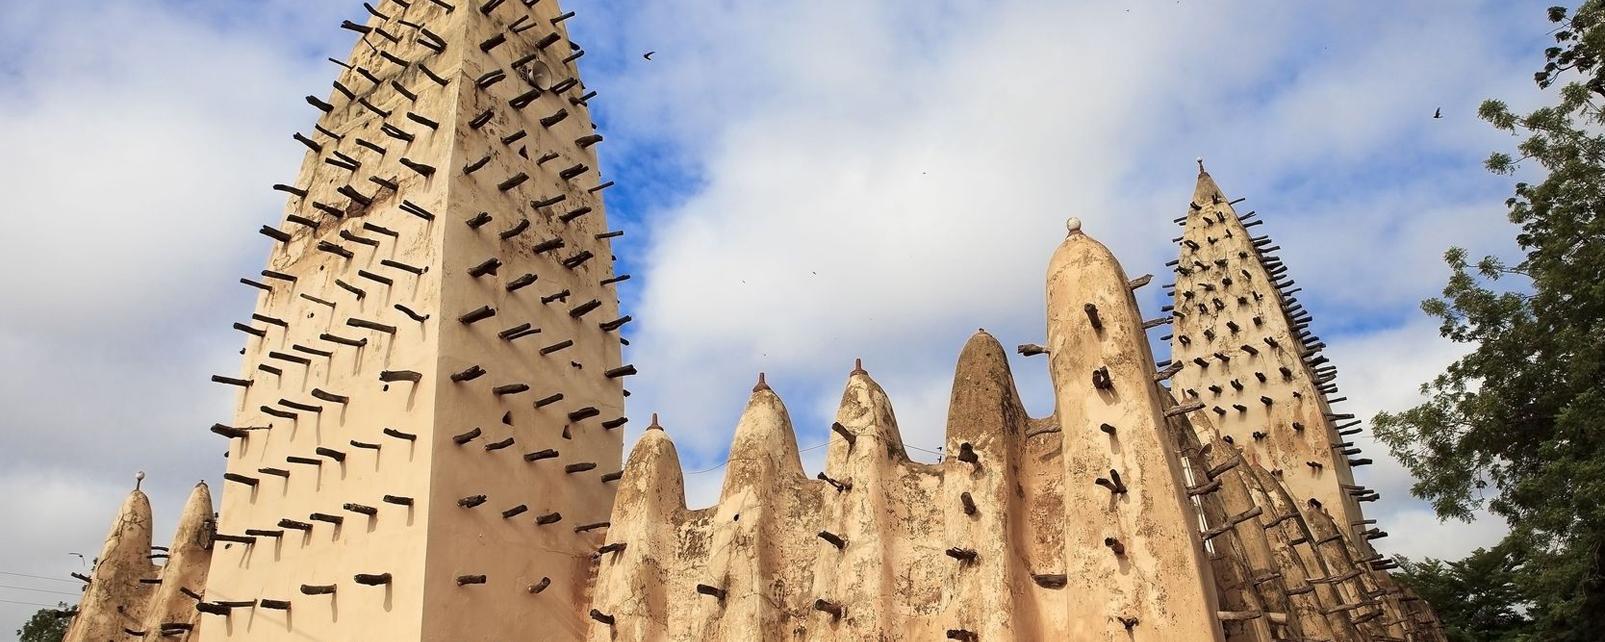 Afrique; Burkina Faso; Bobo Dioulasso; mosquée; religion;